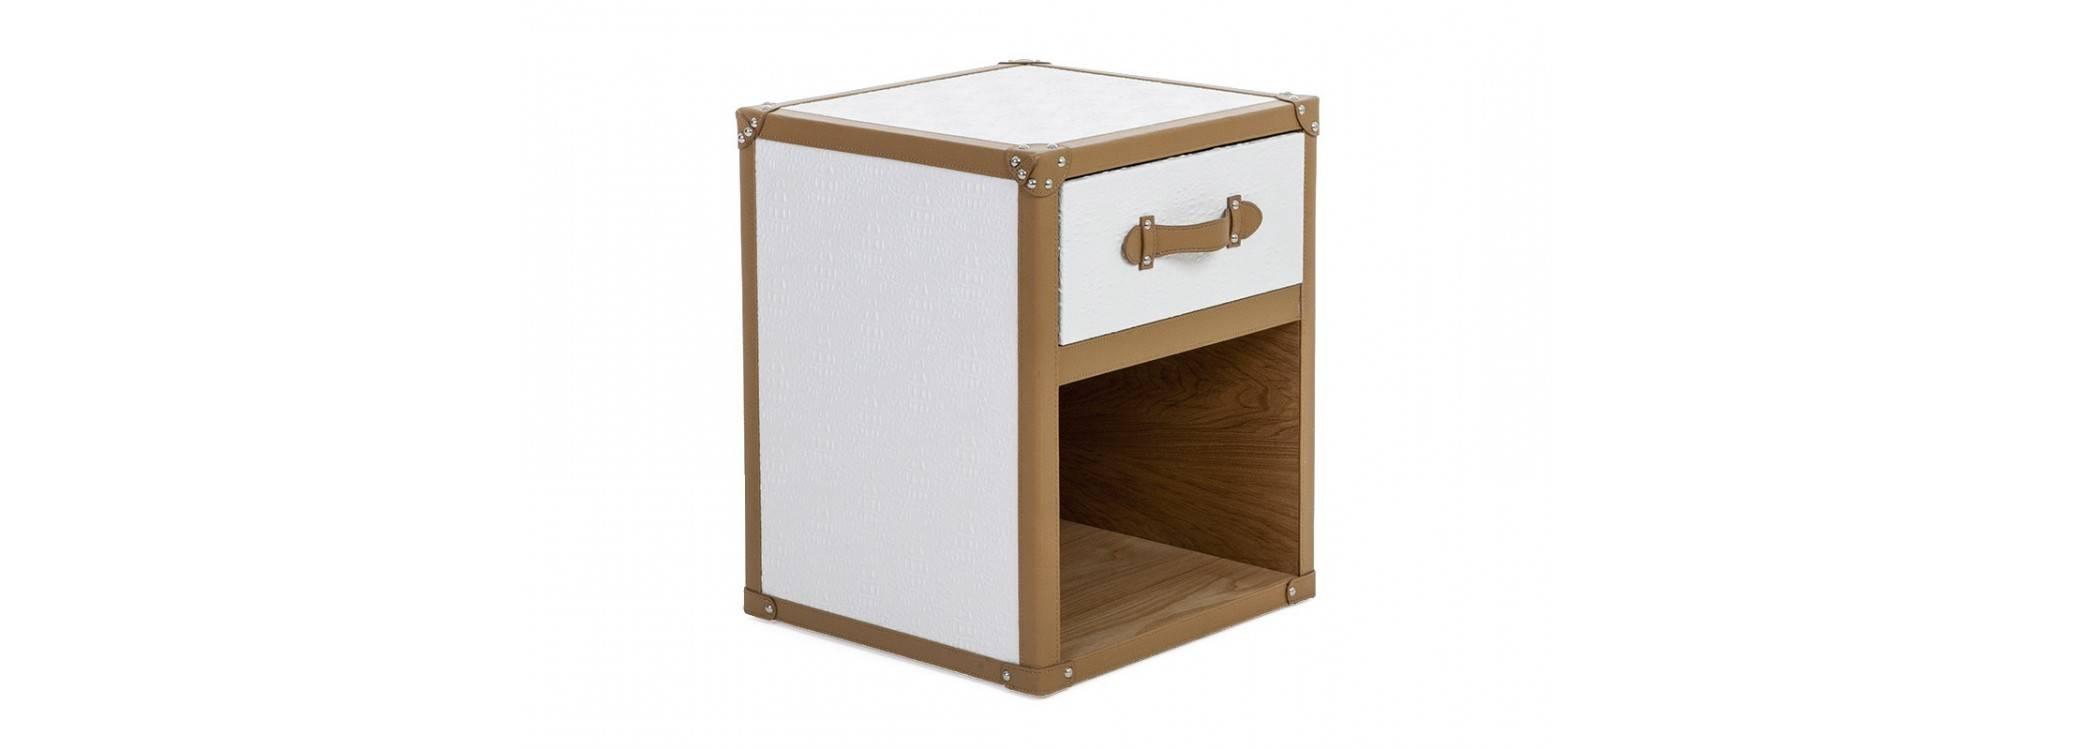 Chevet Cap Horn - 1 tiroir - Simili cuir croco blanc